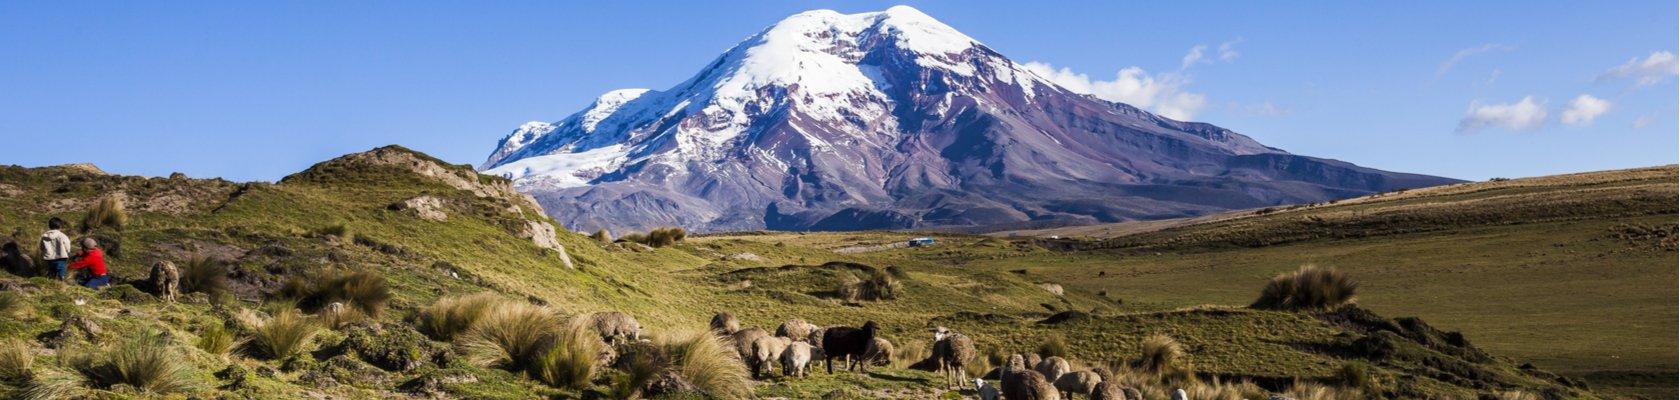 Chimborazo Nationaal Park